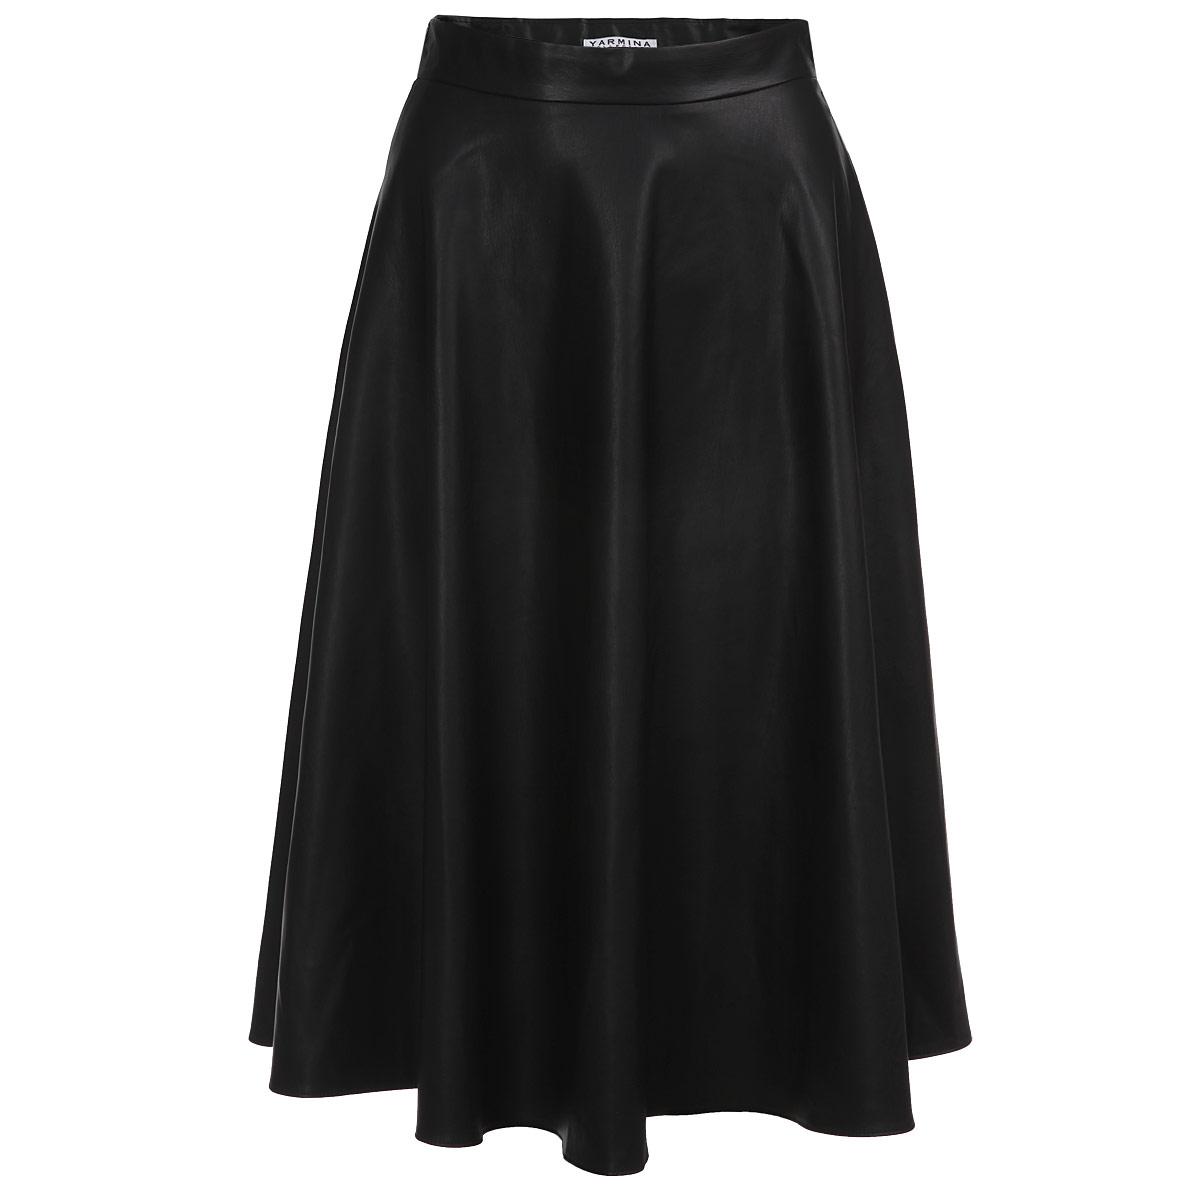 Юбка. Y0026-0019Y0026-0019 midСтильная юбка Yarmina изготовлена из полиэстера, имитирующего кожу. Юбка расклешенного кроя на широком пришивном поясе. Сбоку изделие застегивается на потайную молнию. Эта модная и в тоже время комфортная юбка - отличный вариант на каждый день.